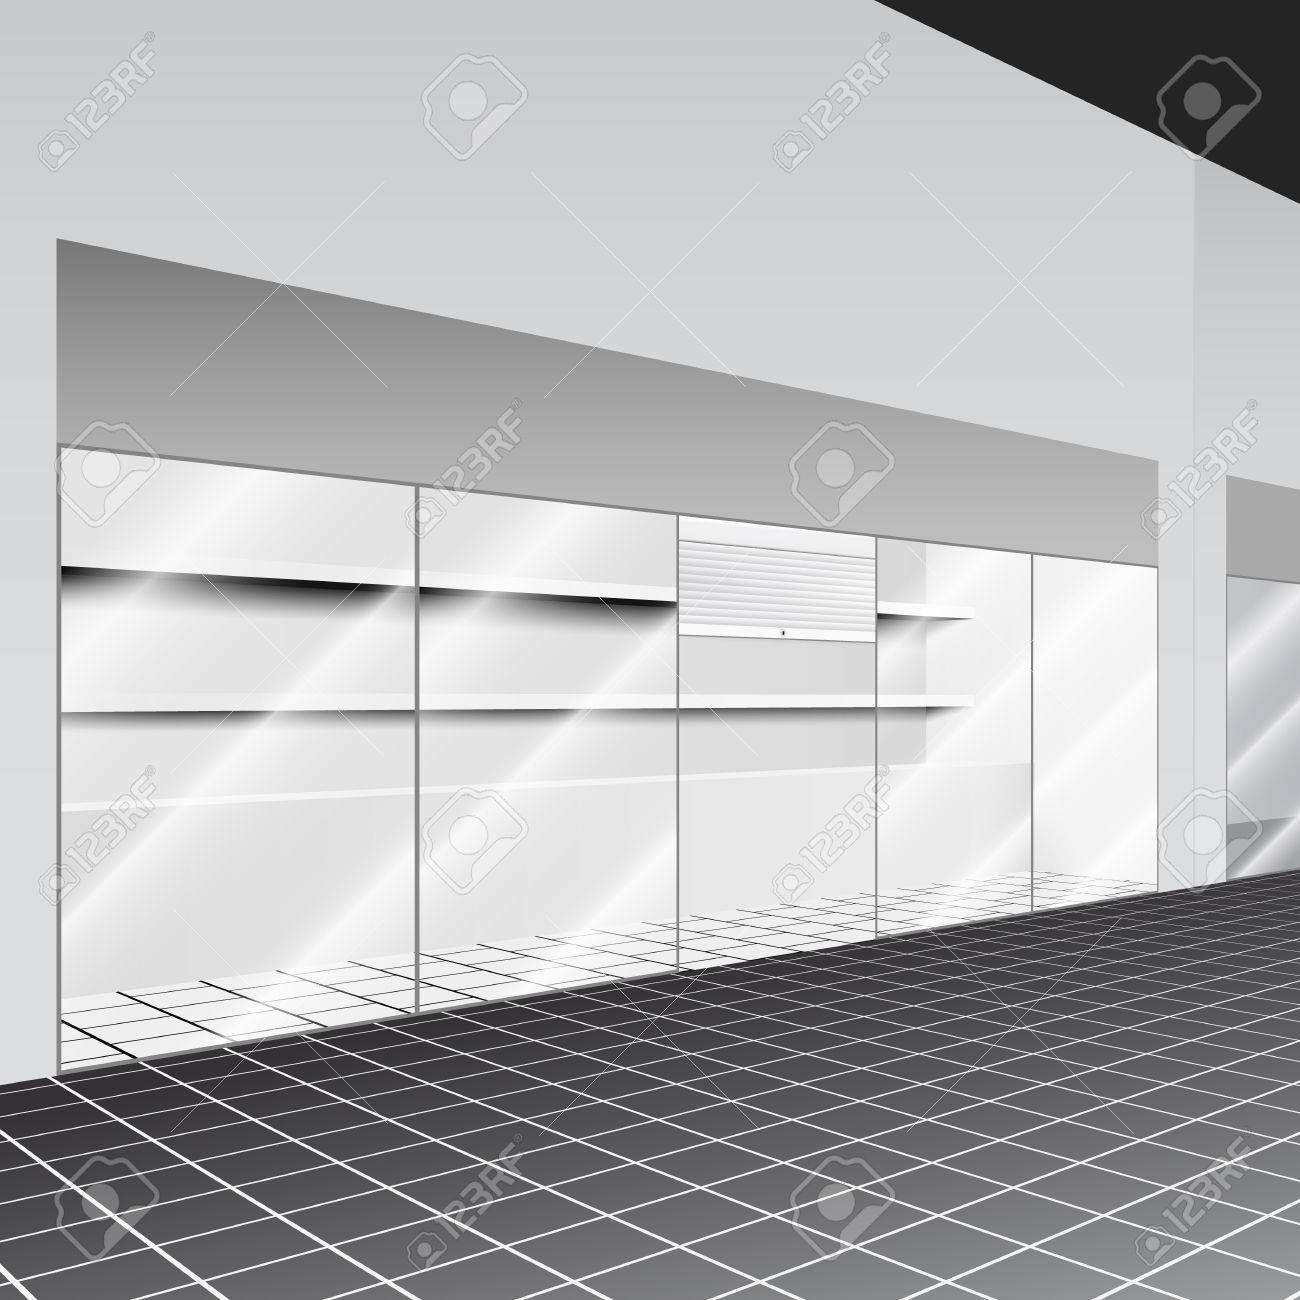 shop mit ständer und regale in den flur mit perspektive lizenzfrei